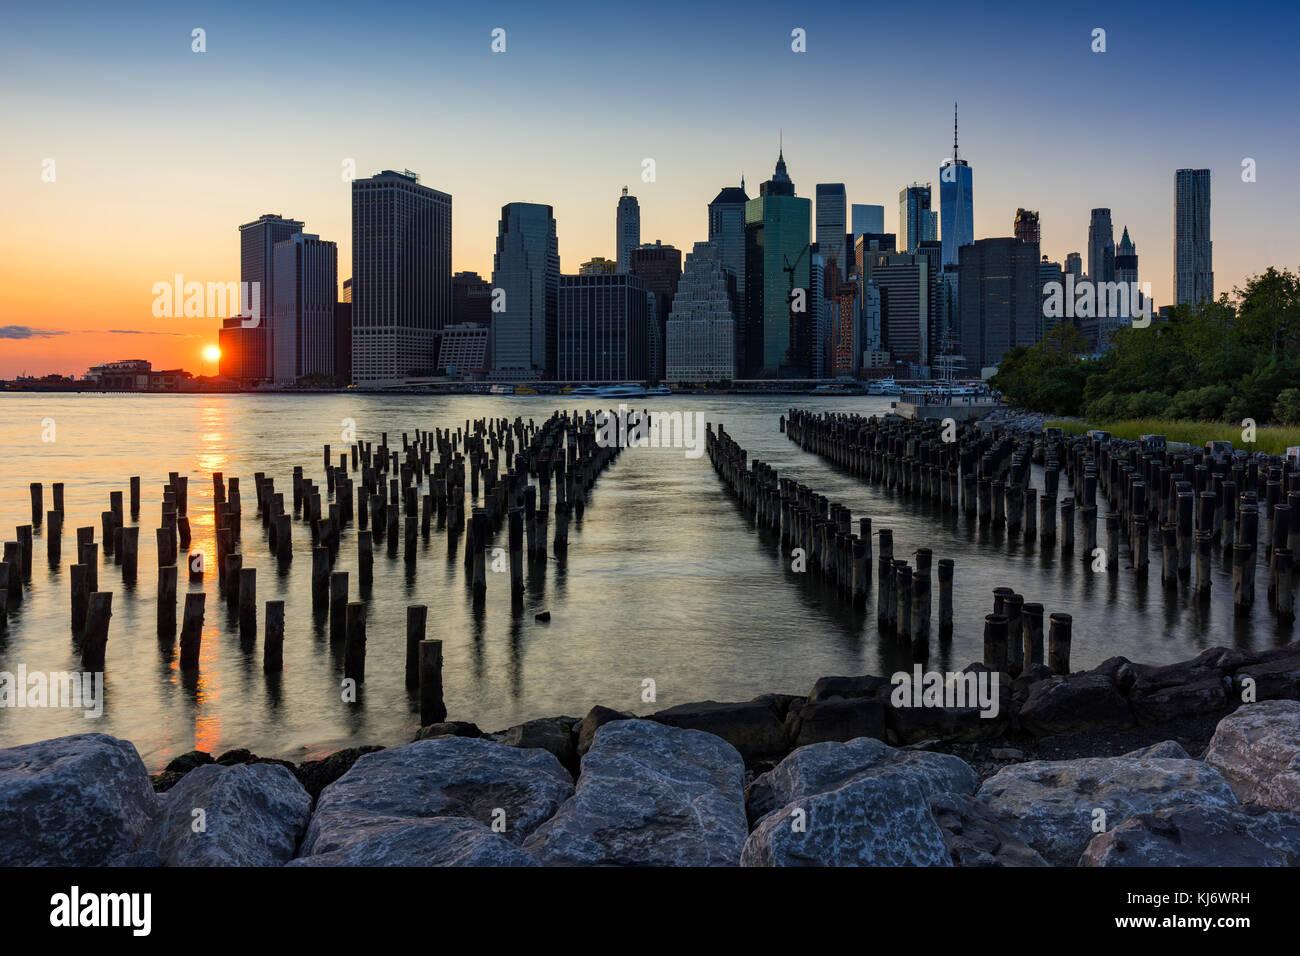 Los rascacielos de Manhattan y pilotes de madera al atardecer desde Brooklyn Bridge Park. Manhattan, Ciudad de Nueva Imagen De Stock